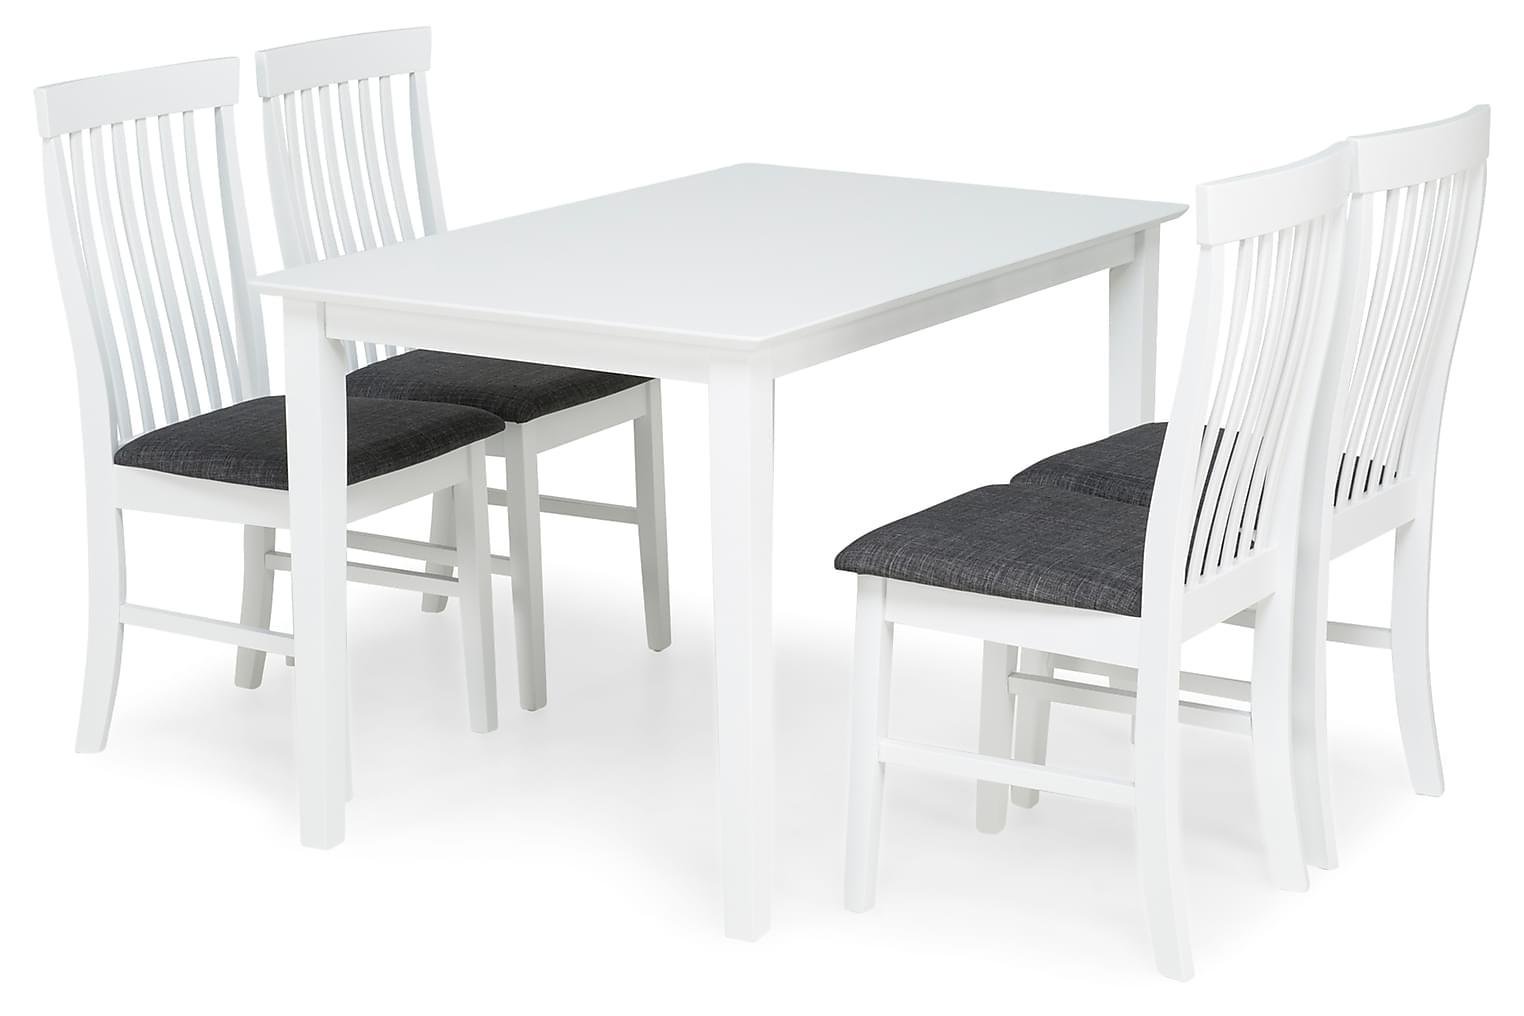 MELROSE Pöytä 120 Valkoinen + 4 MAURICE Tuolia Valkoinen/Har